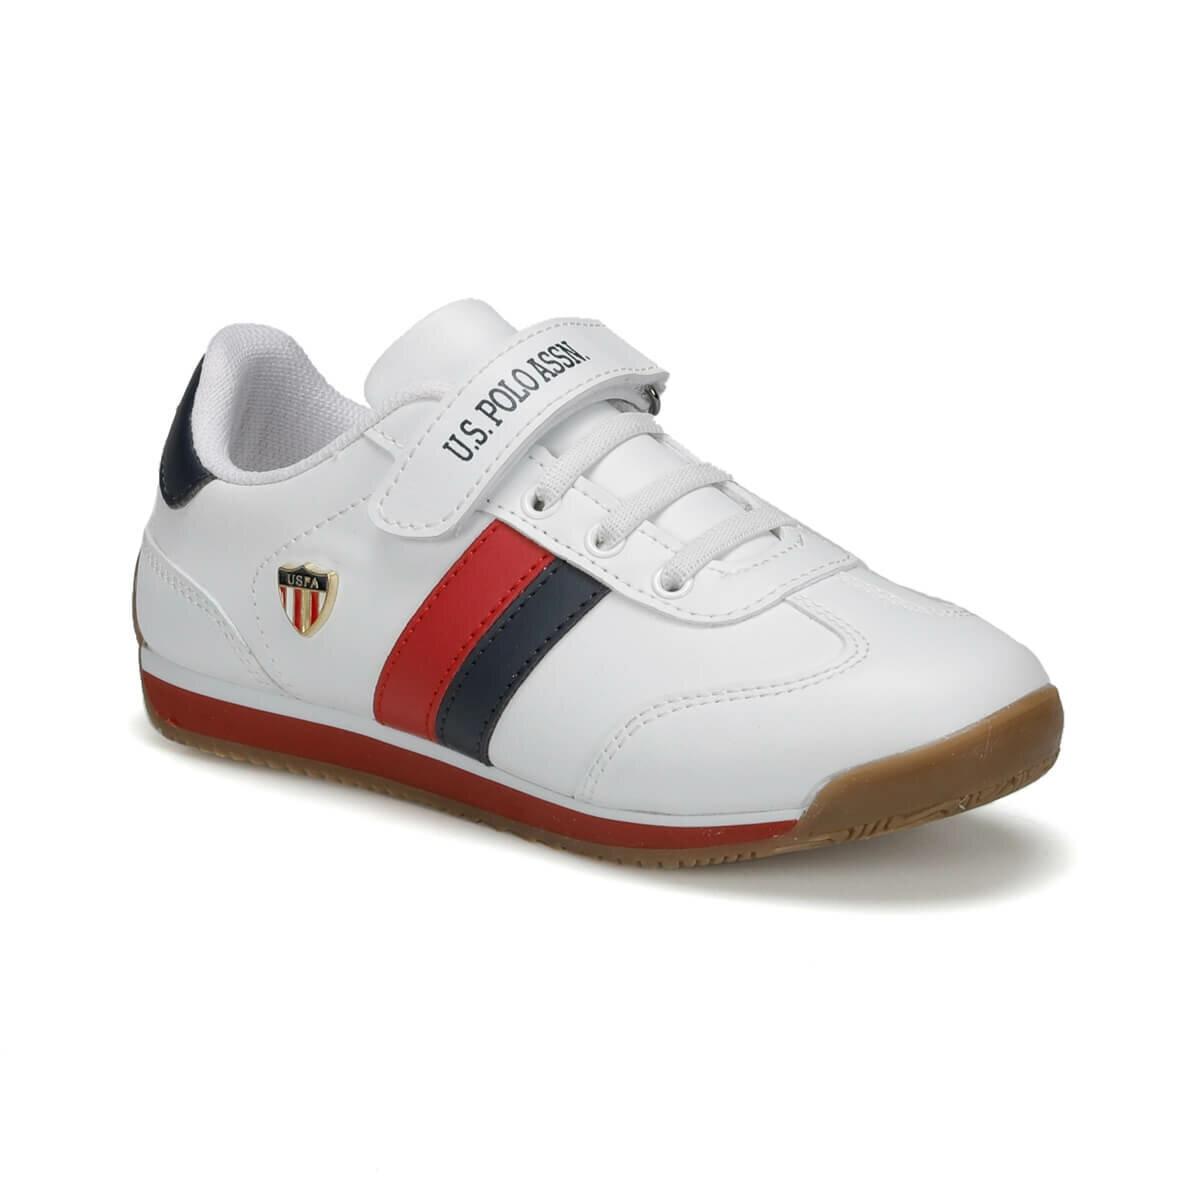 FLO BONI WT 9PR White Male Child Sneaker Shoes U.S. POLO ASSN.